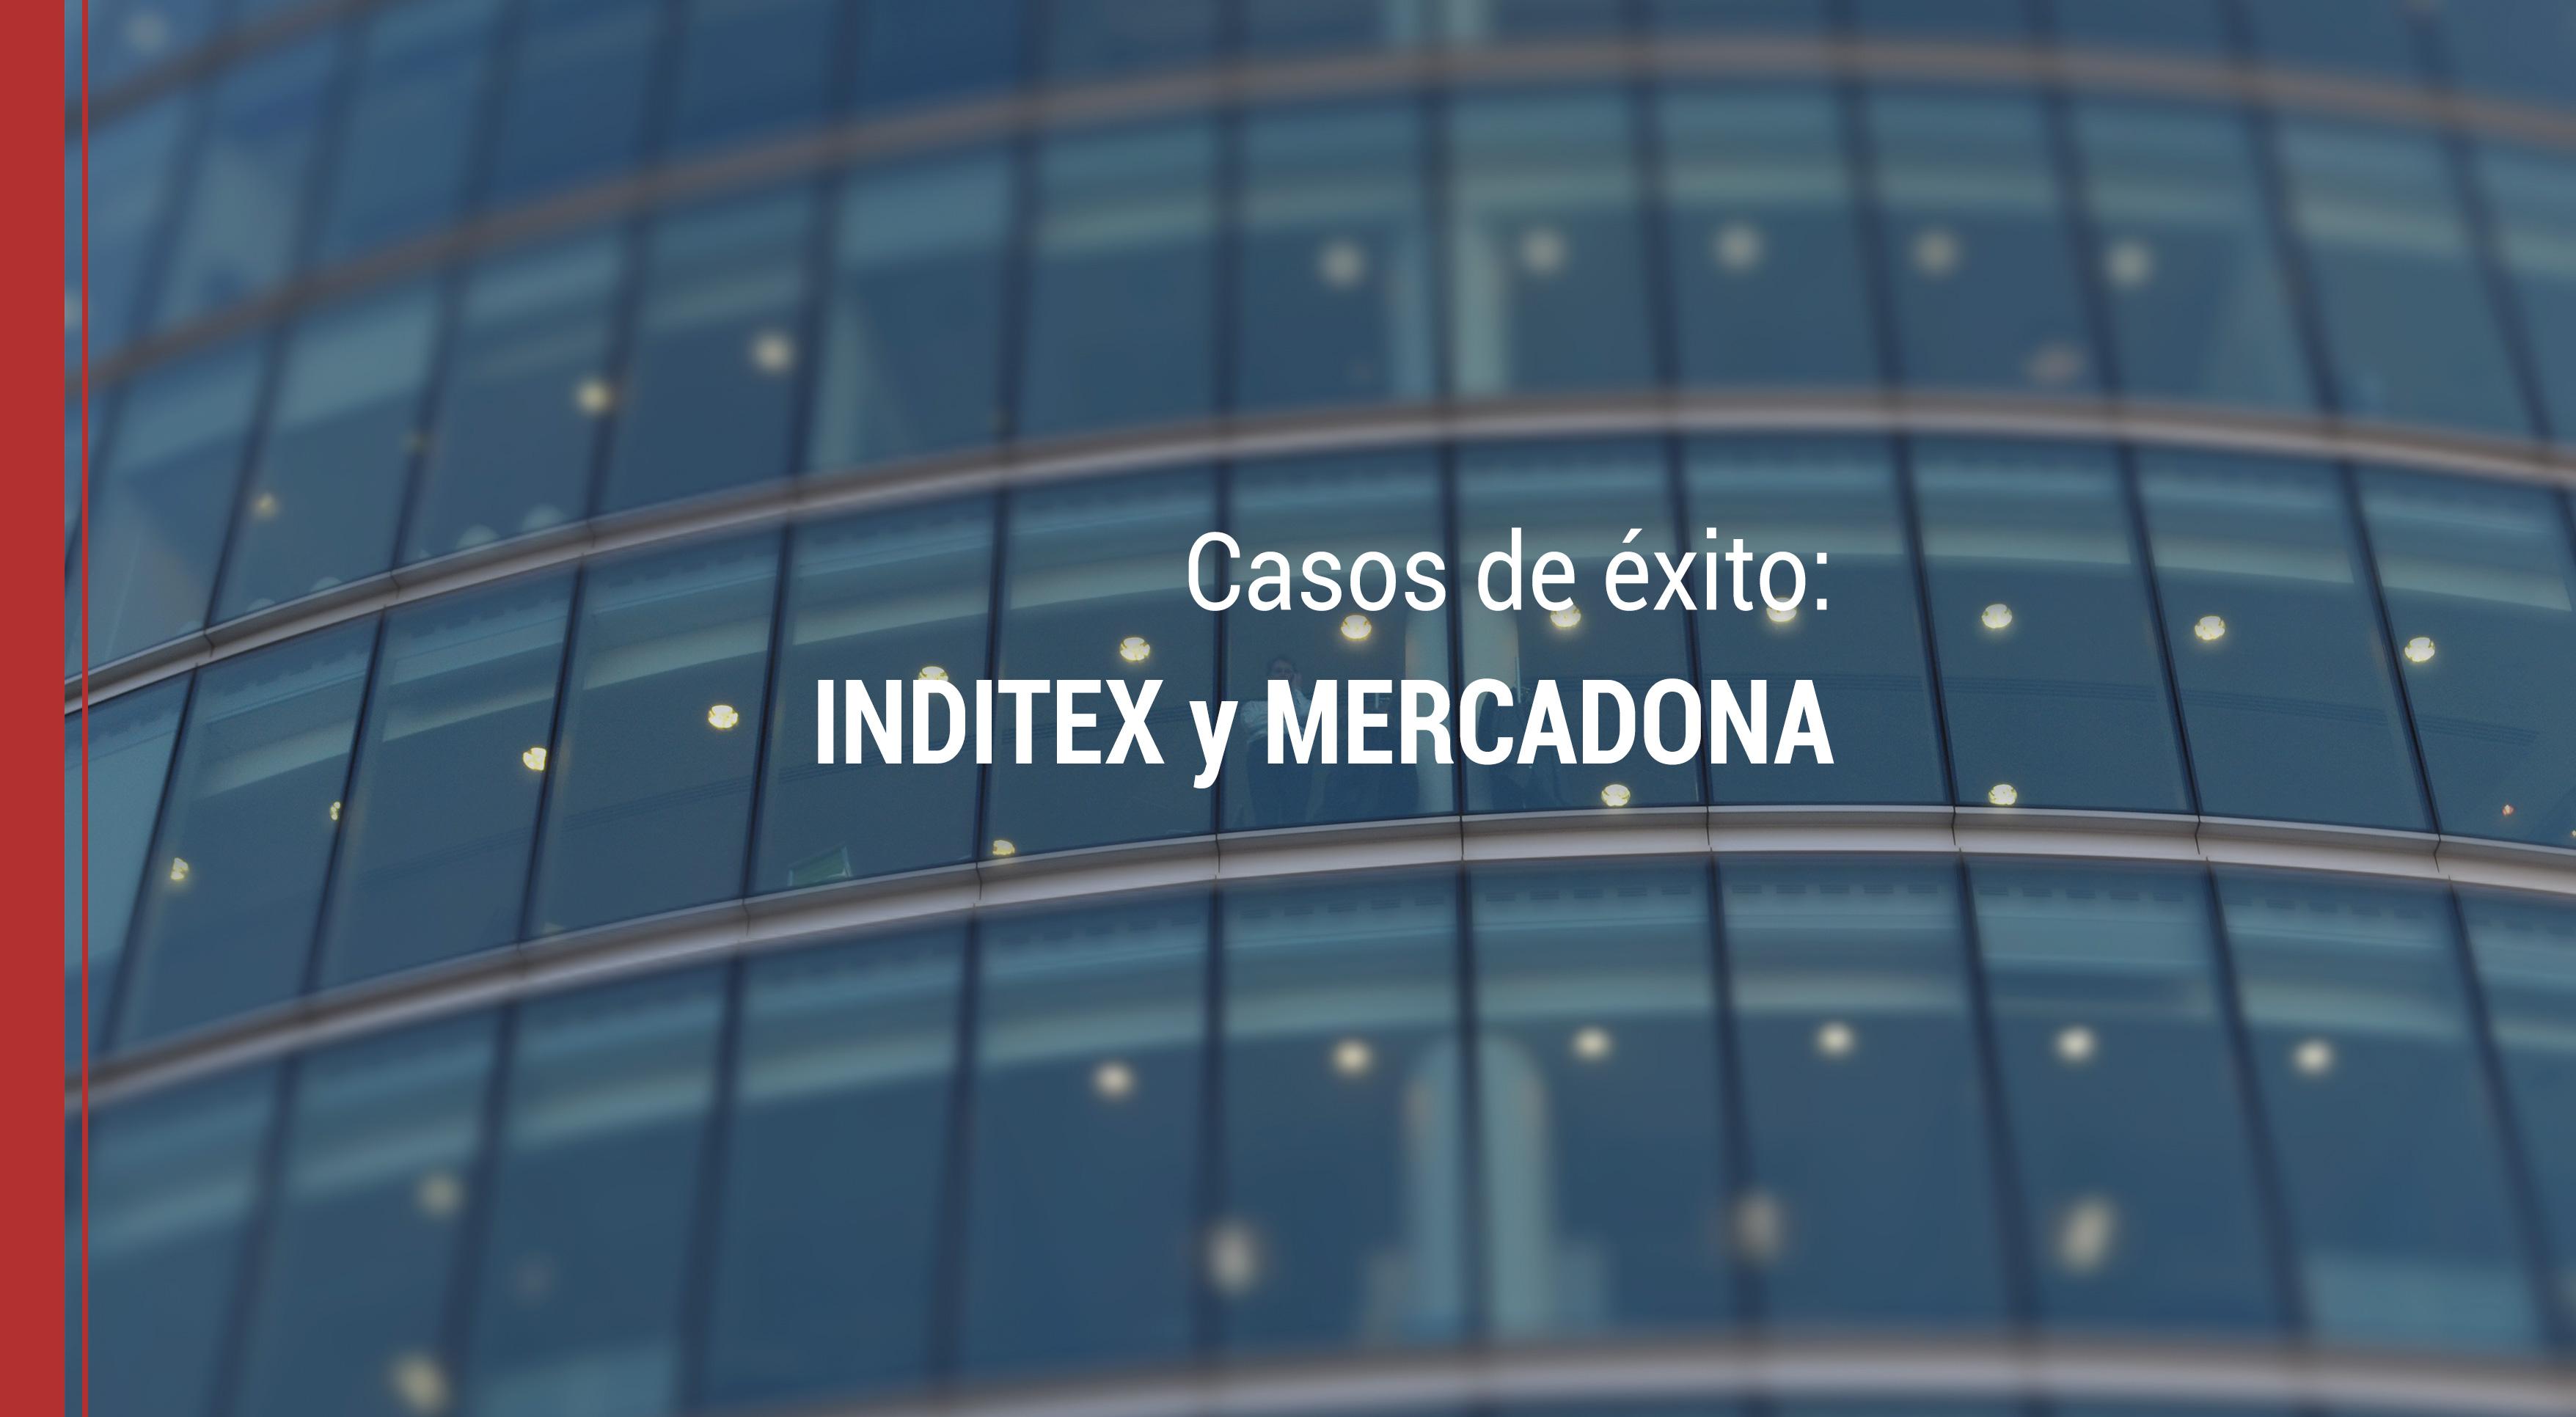 empresarios-exito-inditex-mercadona Empresarios de éxito: Qué tienen en común Inditex y Mercadona